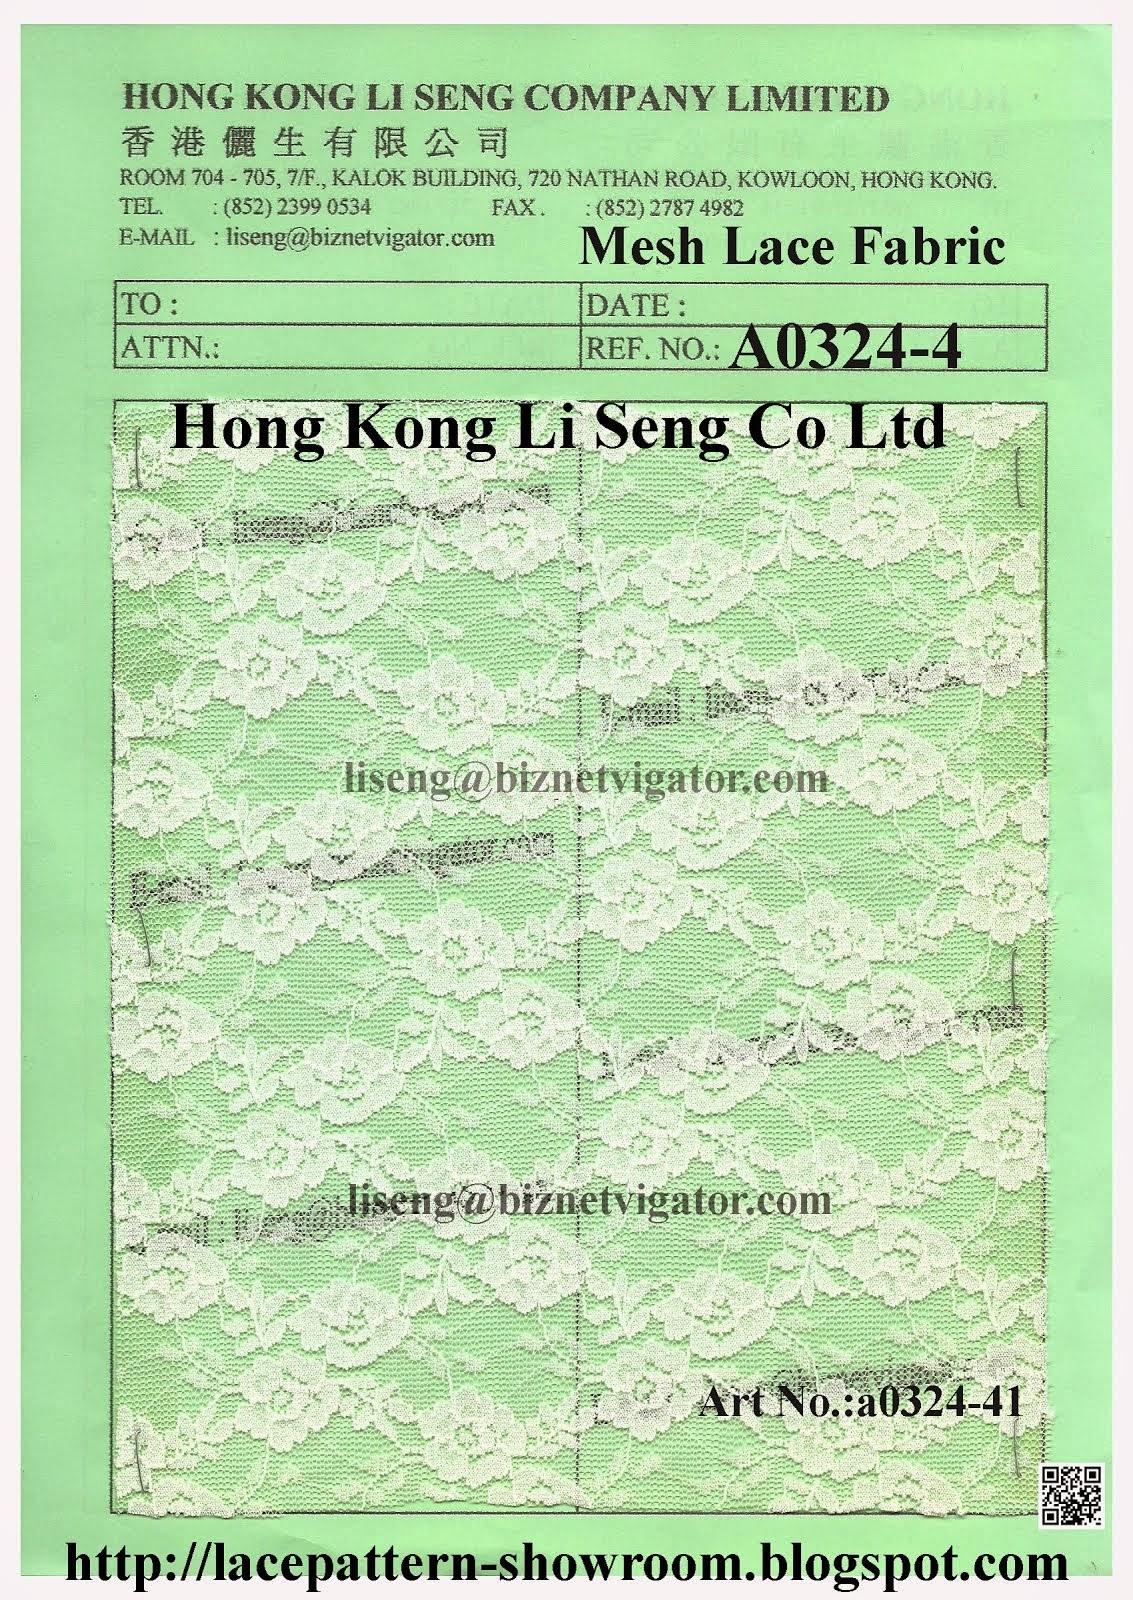 Mesh Lace Fabric Wholesaler Manufacturer and Supplier - Hong Kong Li Seng Co Ltd